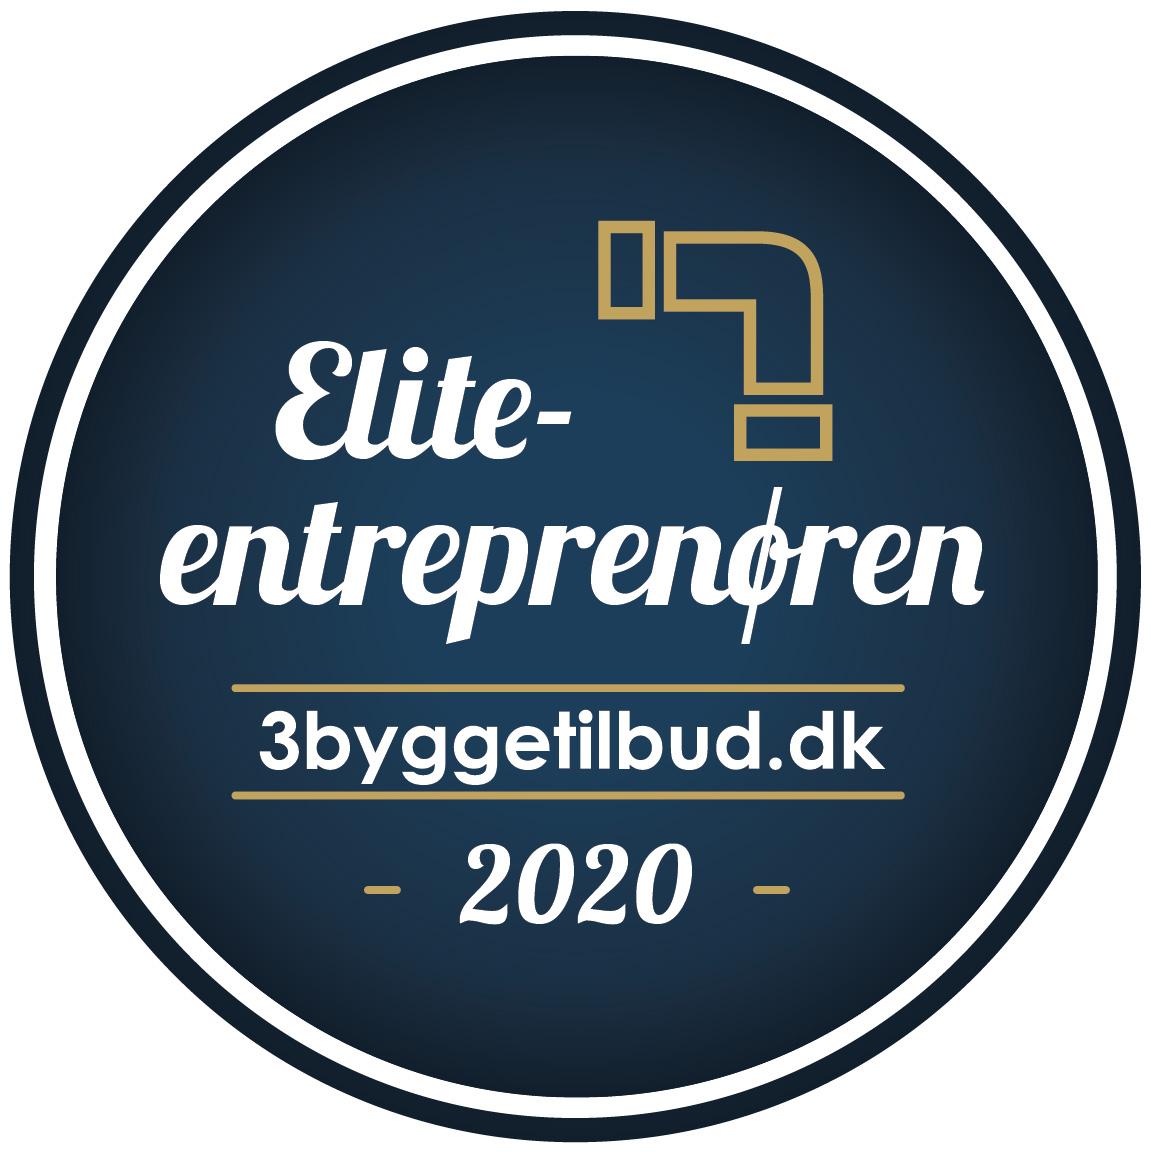 Elite entreprenøren 2020